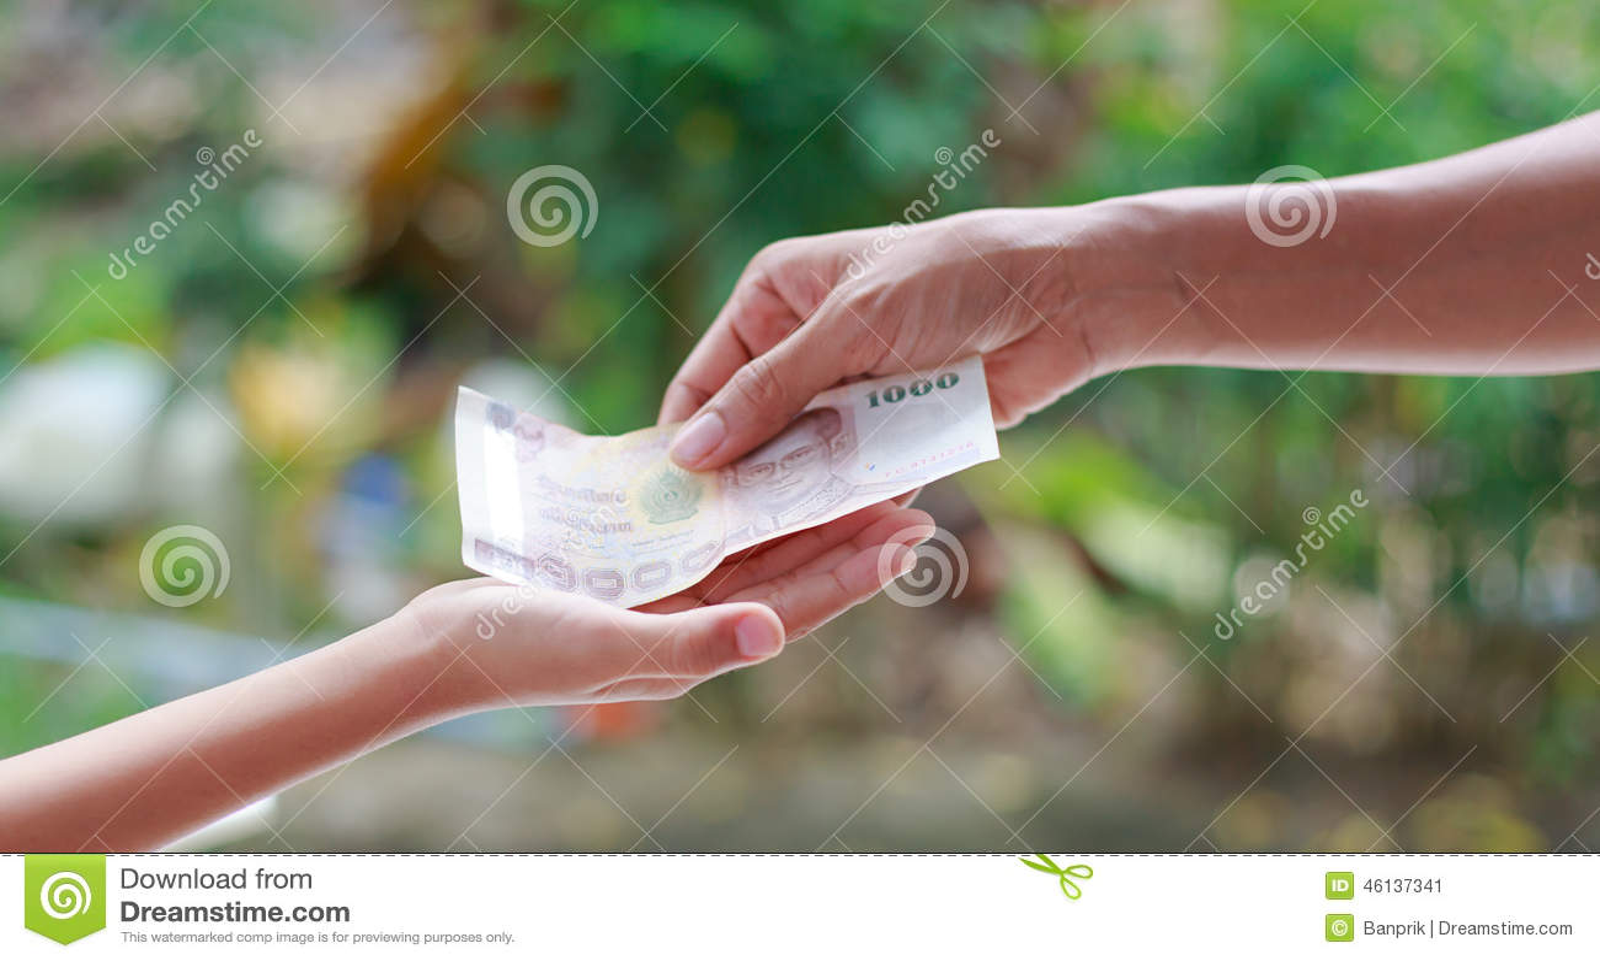 Von Einer Hand Zur Anderen Hand